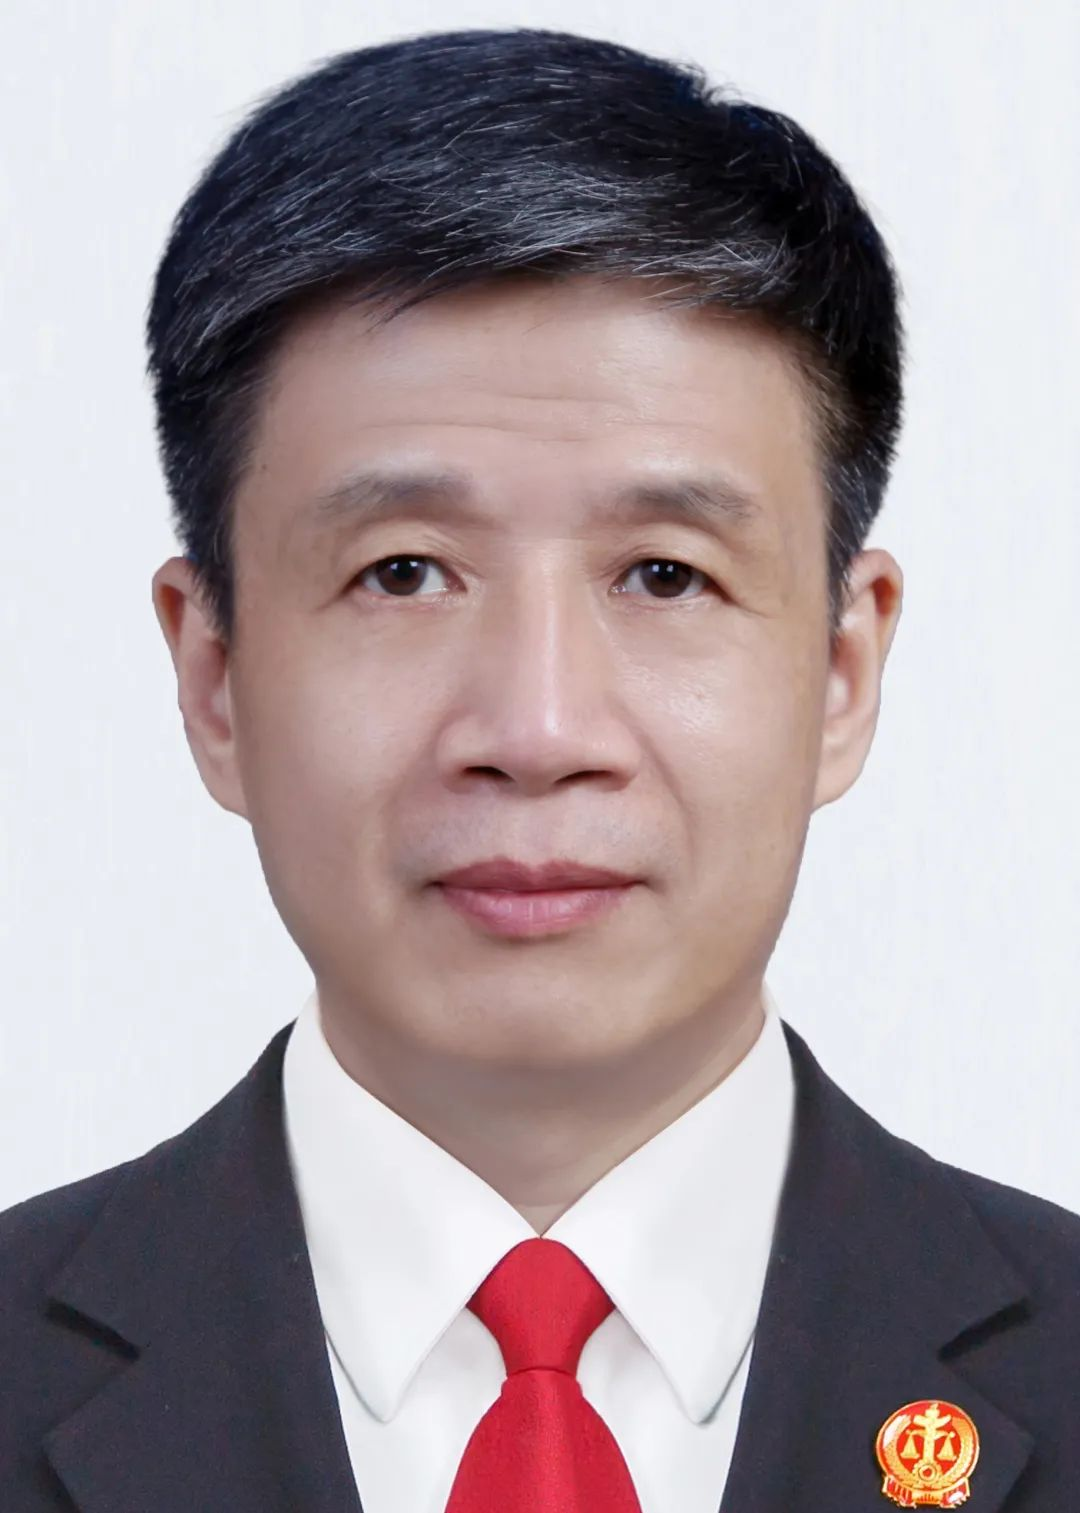 政法人事录 李永利当选重庆市高级人民法院院长